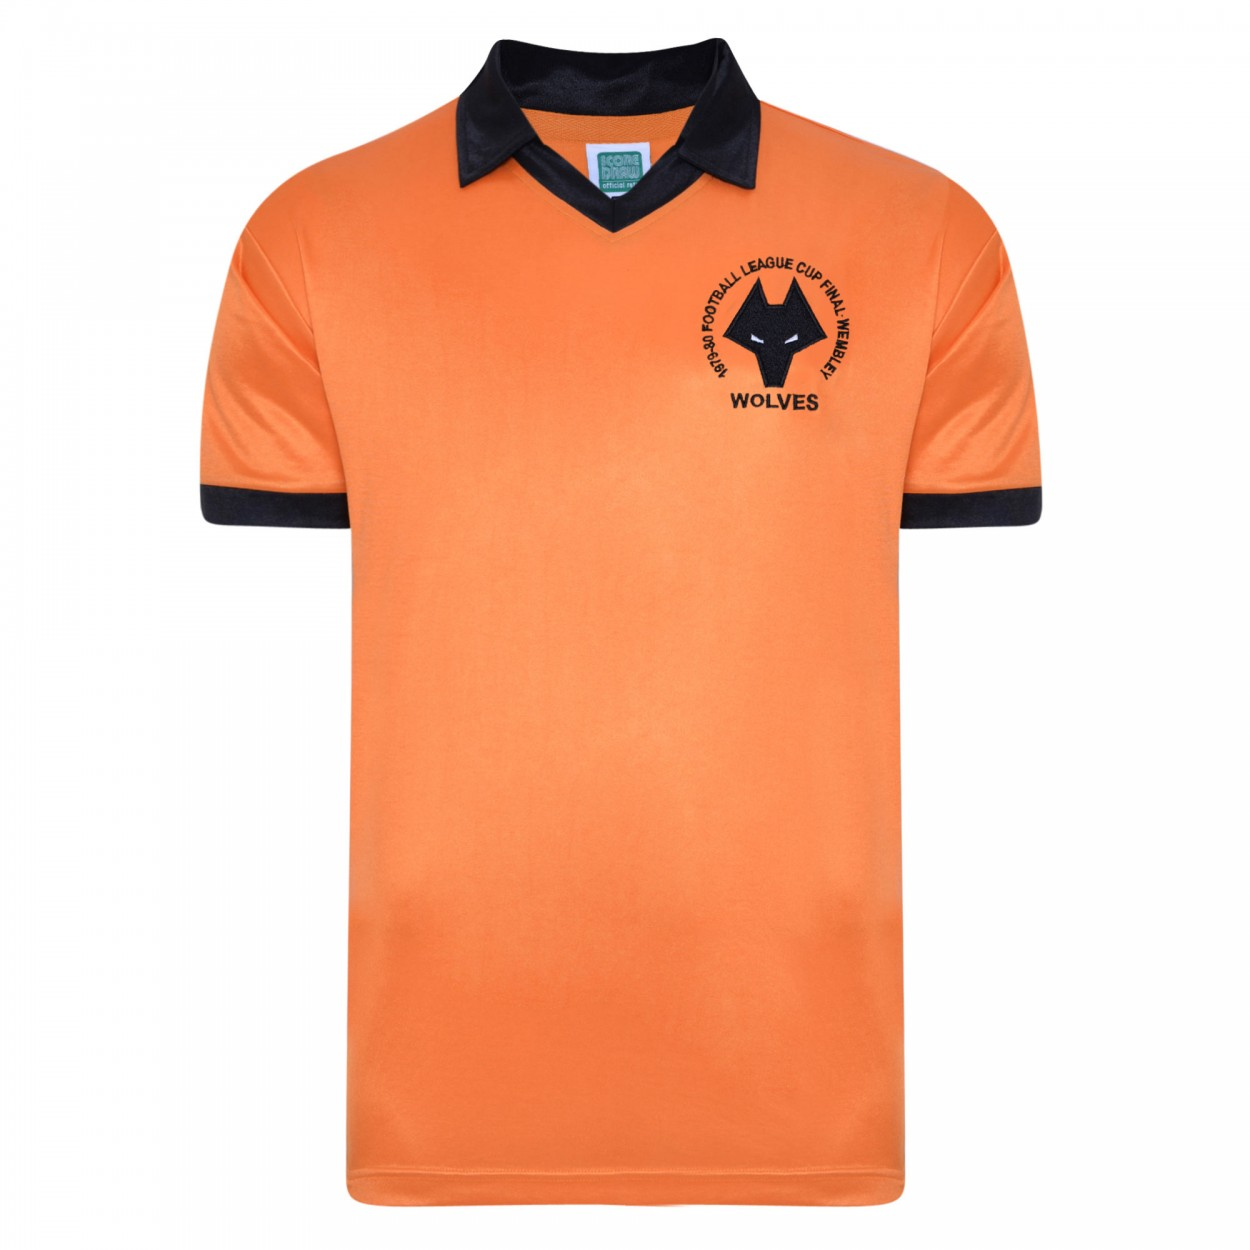 Wolves 1980 League Cup Final shirt